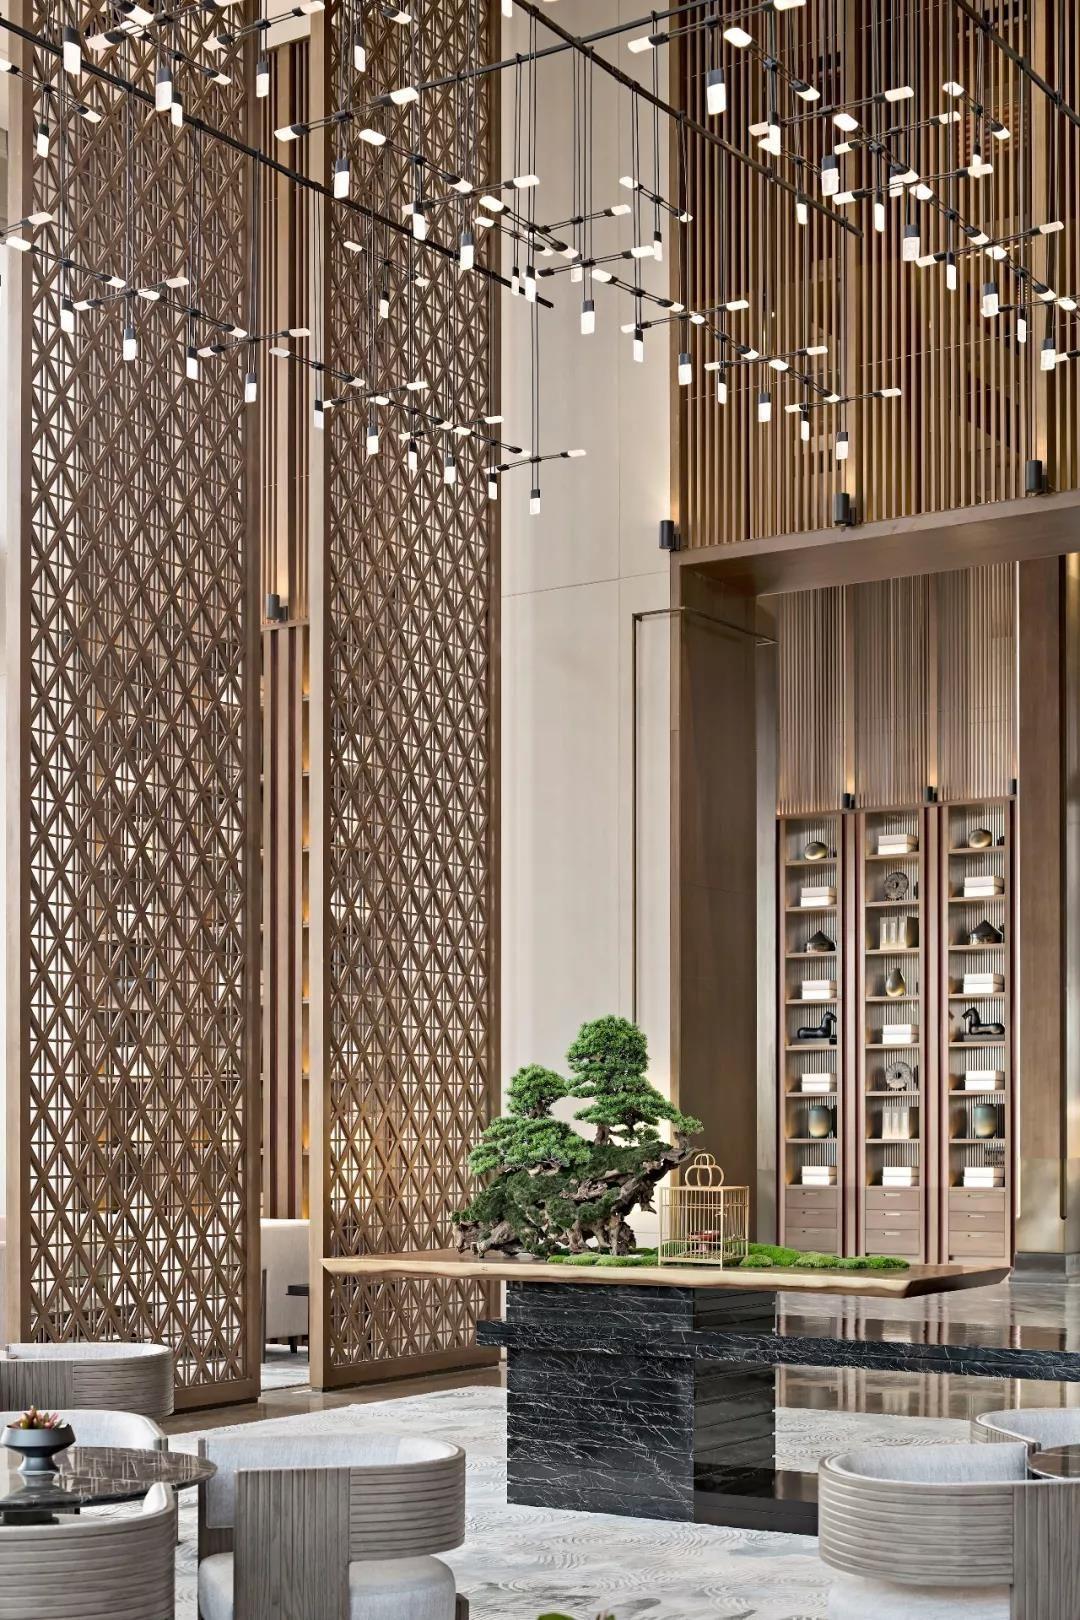 比国际五星酒店更惊艳的售楼处设计 集艾设计 室内设计联盟 With